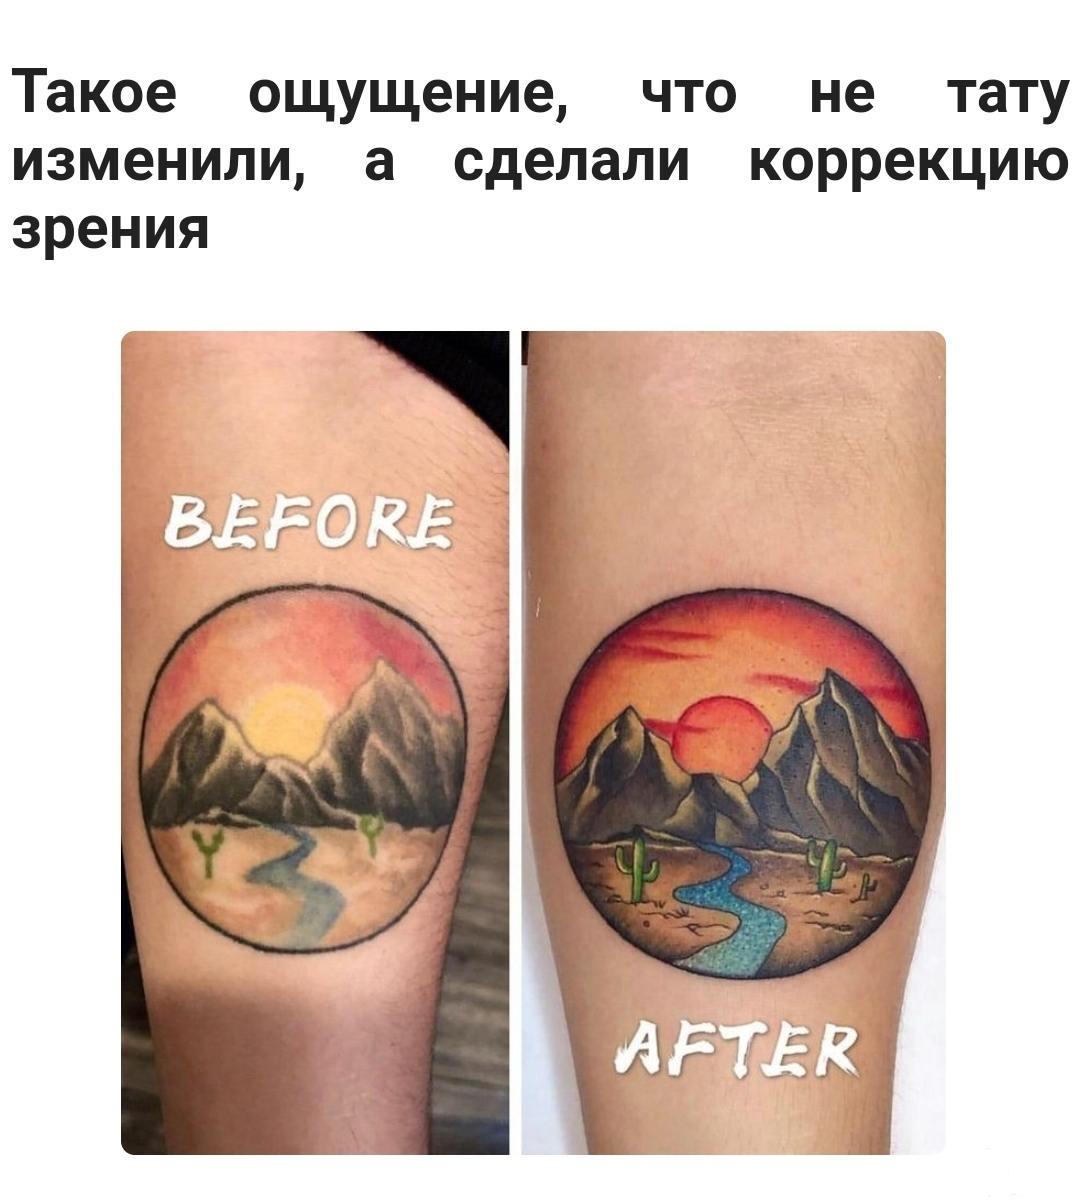 136023 - Татуировки